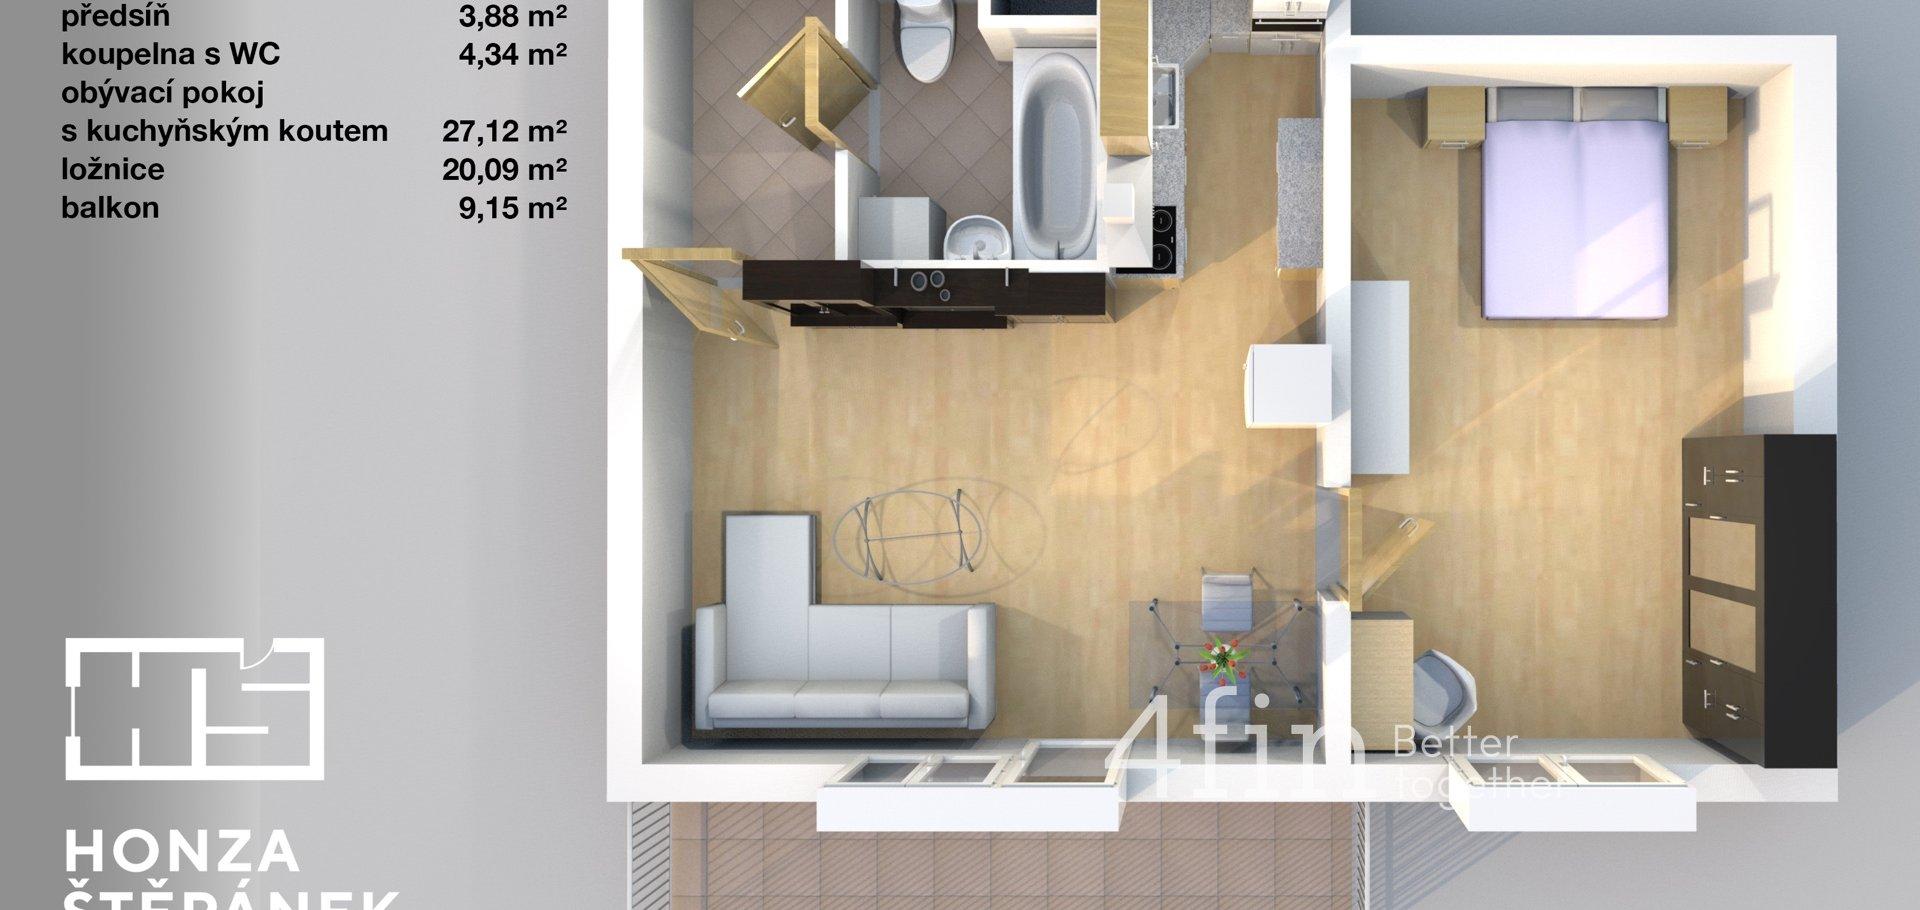 Prodej bytu 2+kk, 55m², balkon, garážové stání, sklep, Praha - Vinoř